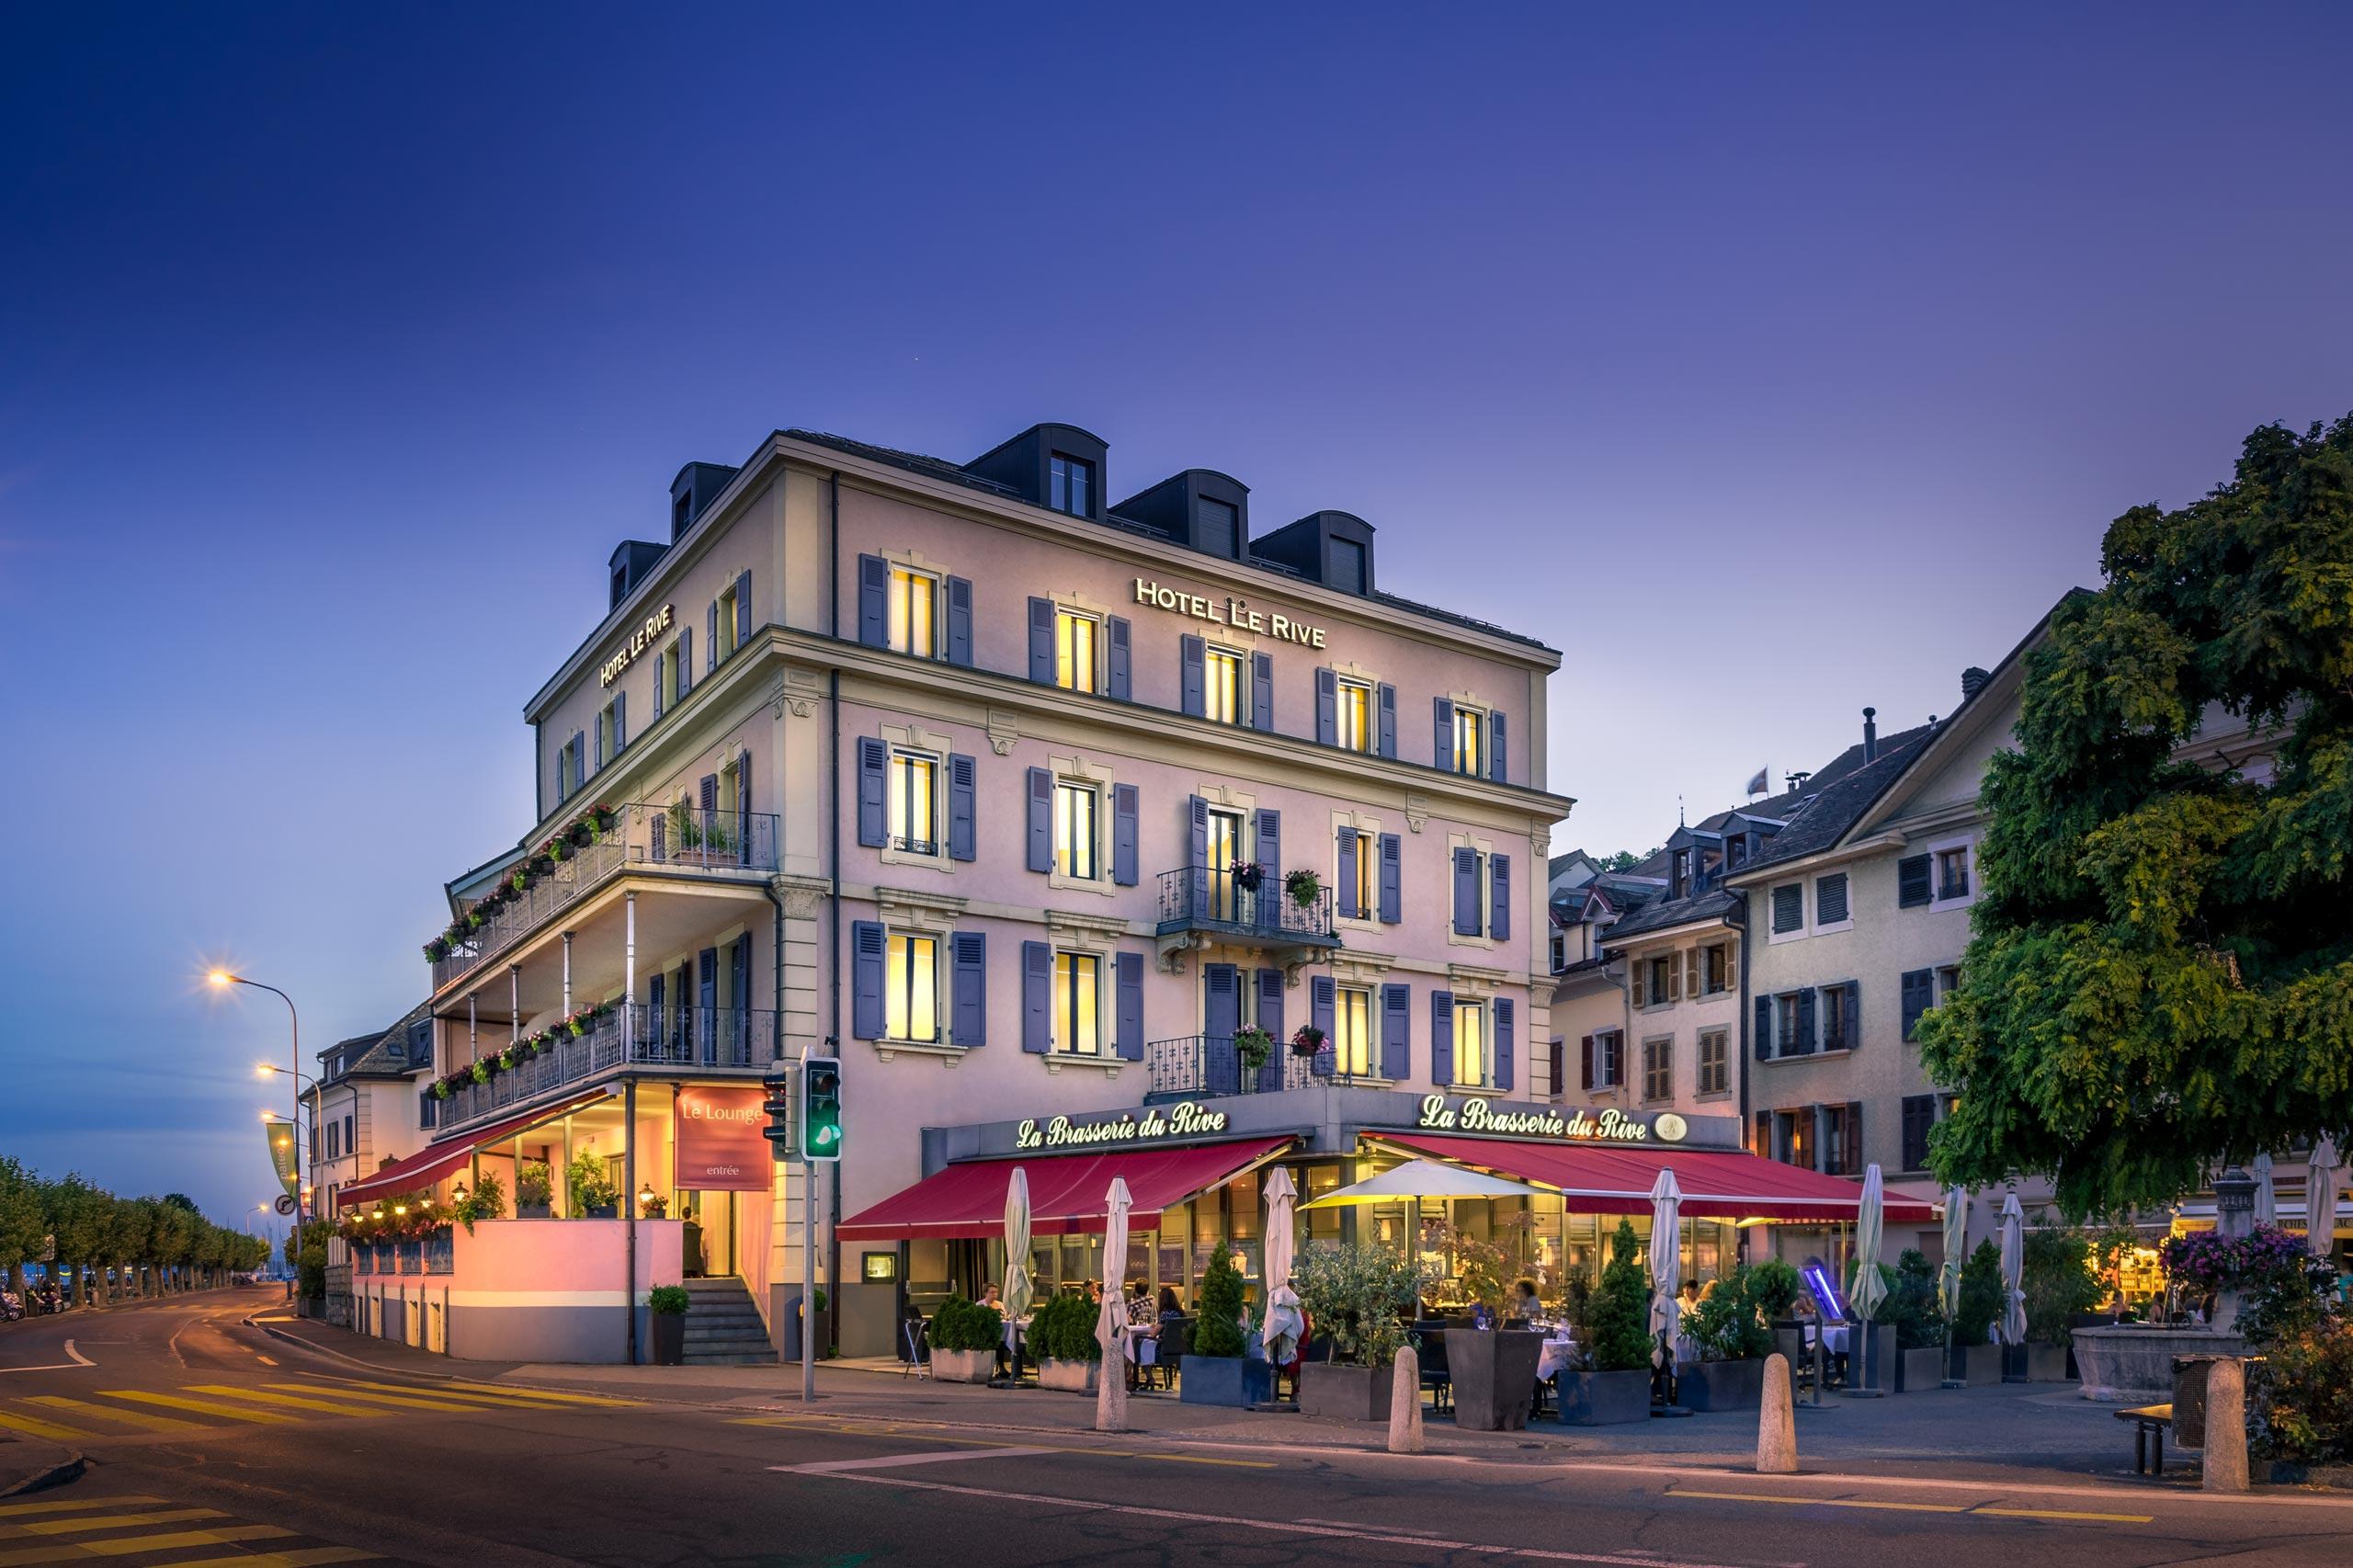 Hotel Le Rive Nyon Suisse